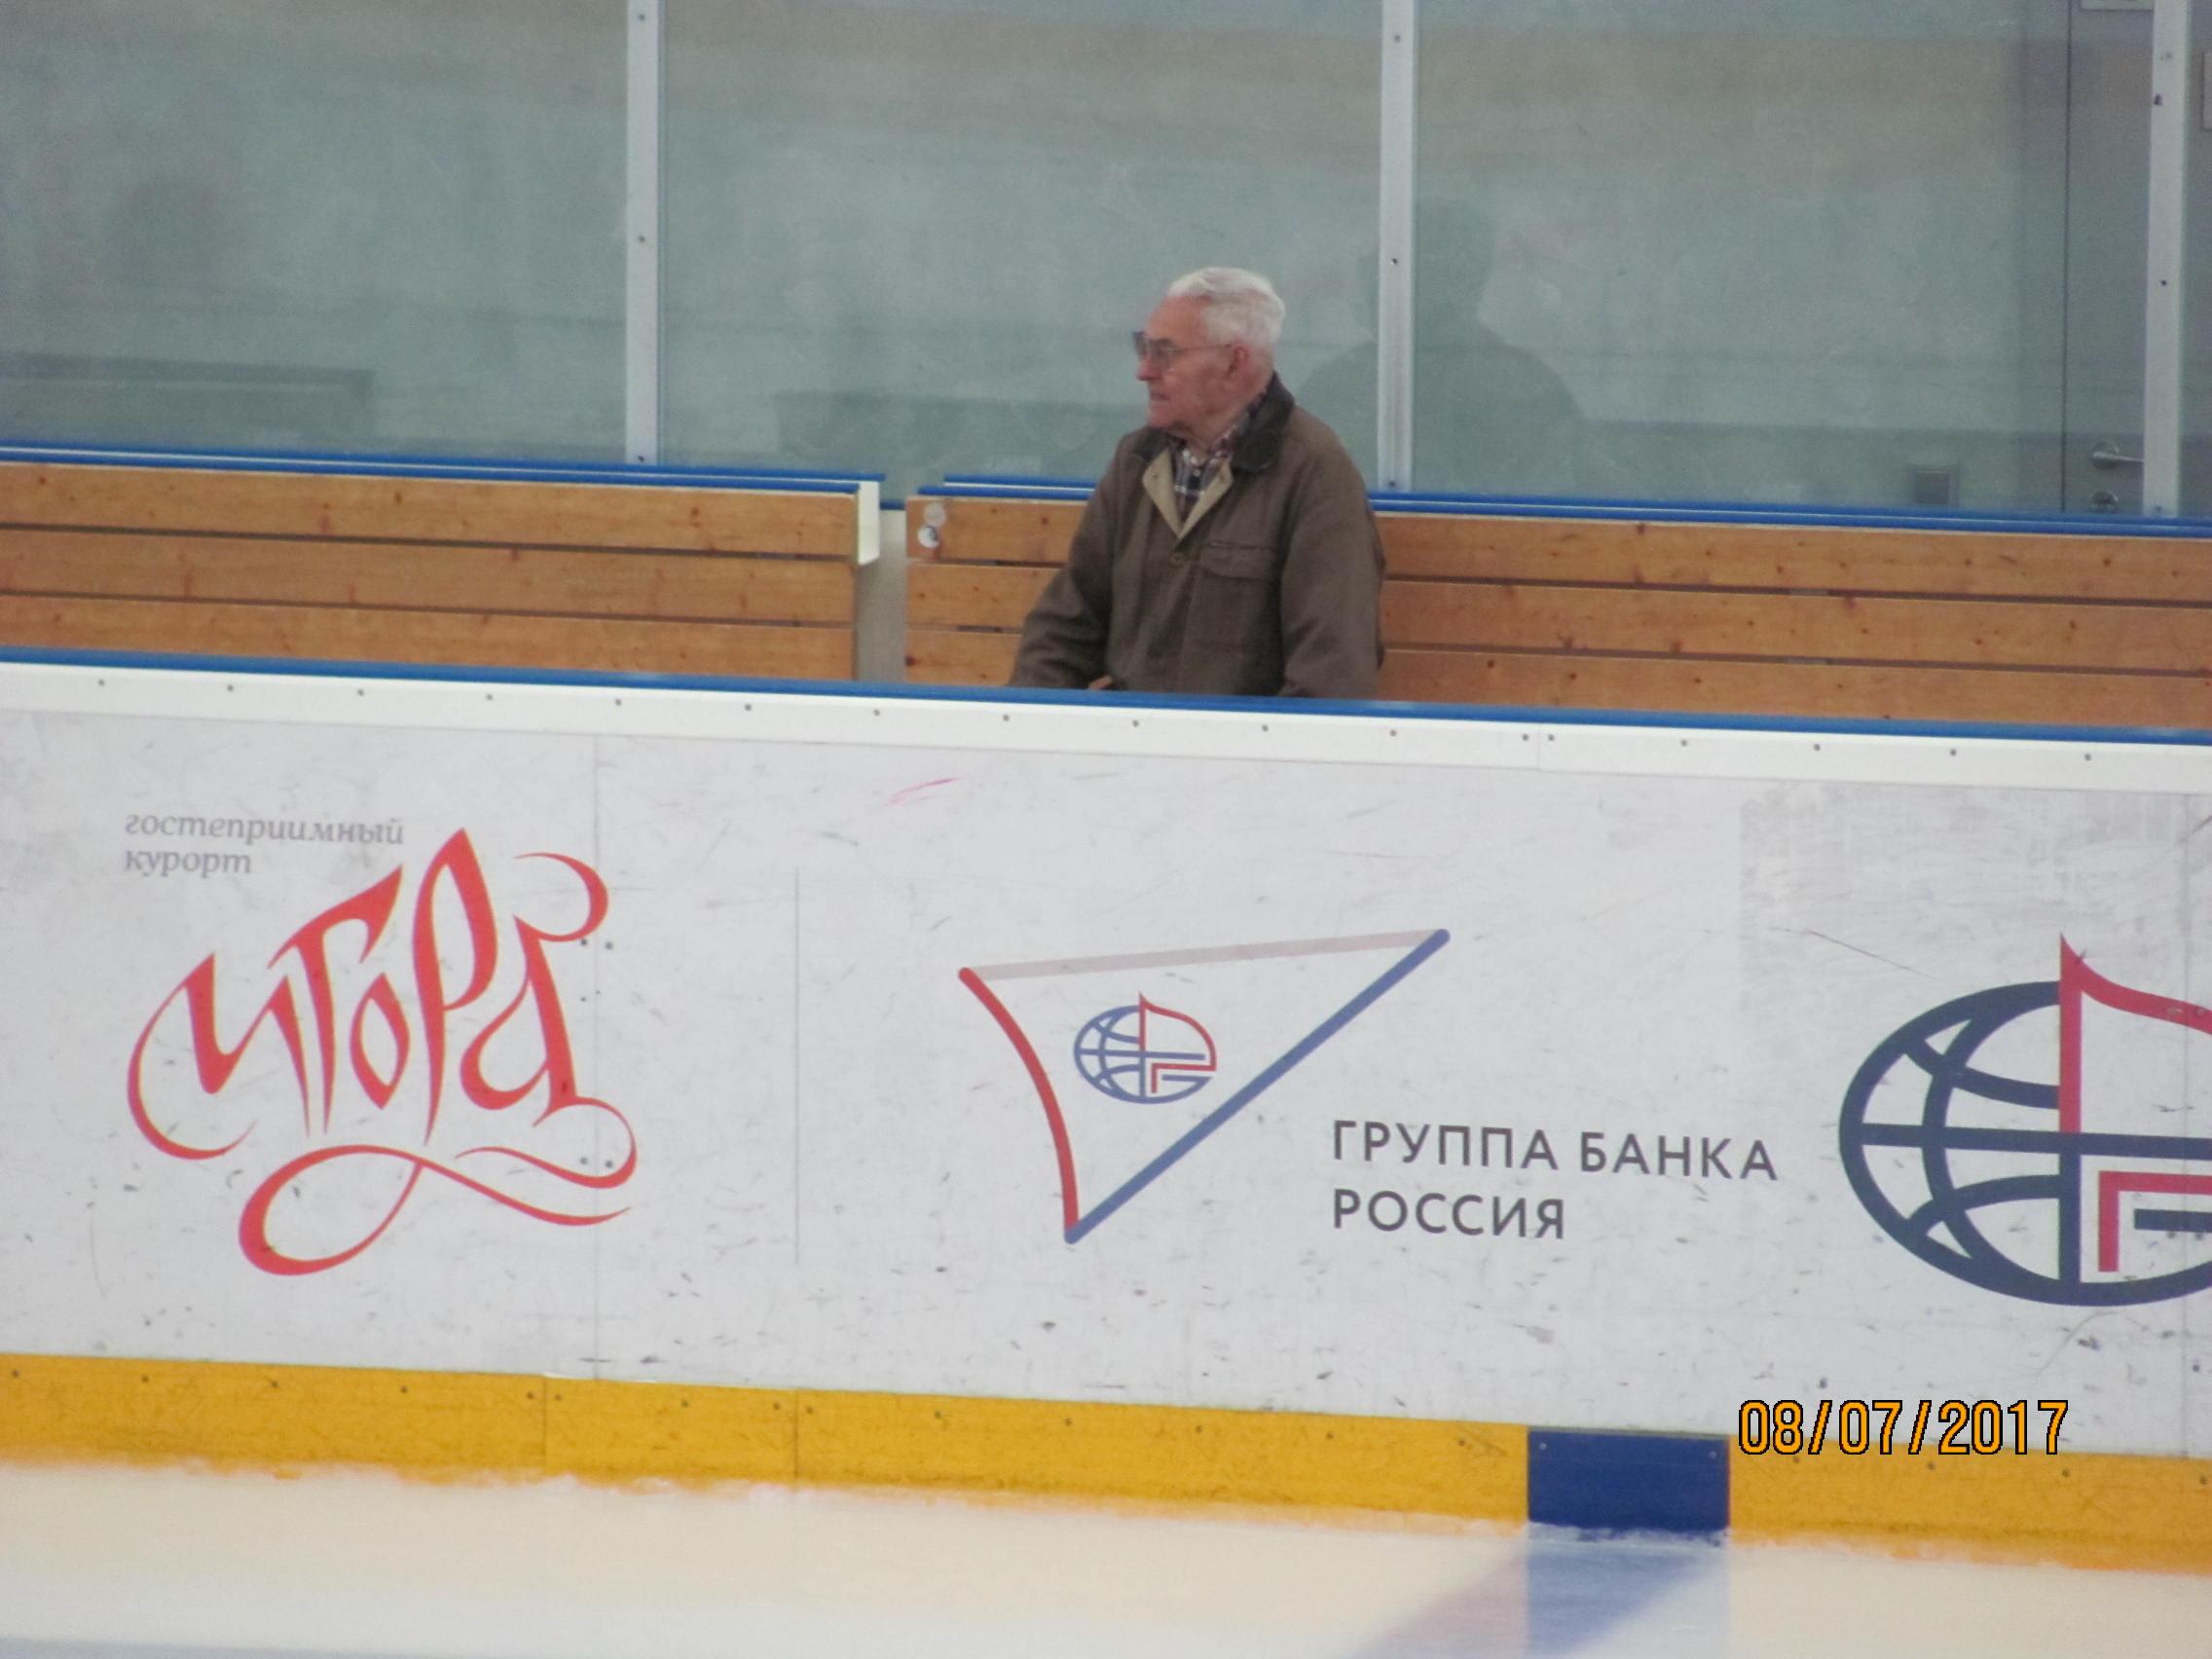 Школа Москвиной, парное катание (Санкт-Петербург, Россия) - Страница 9 AysWAij261M